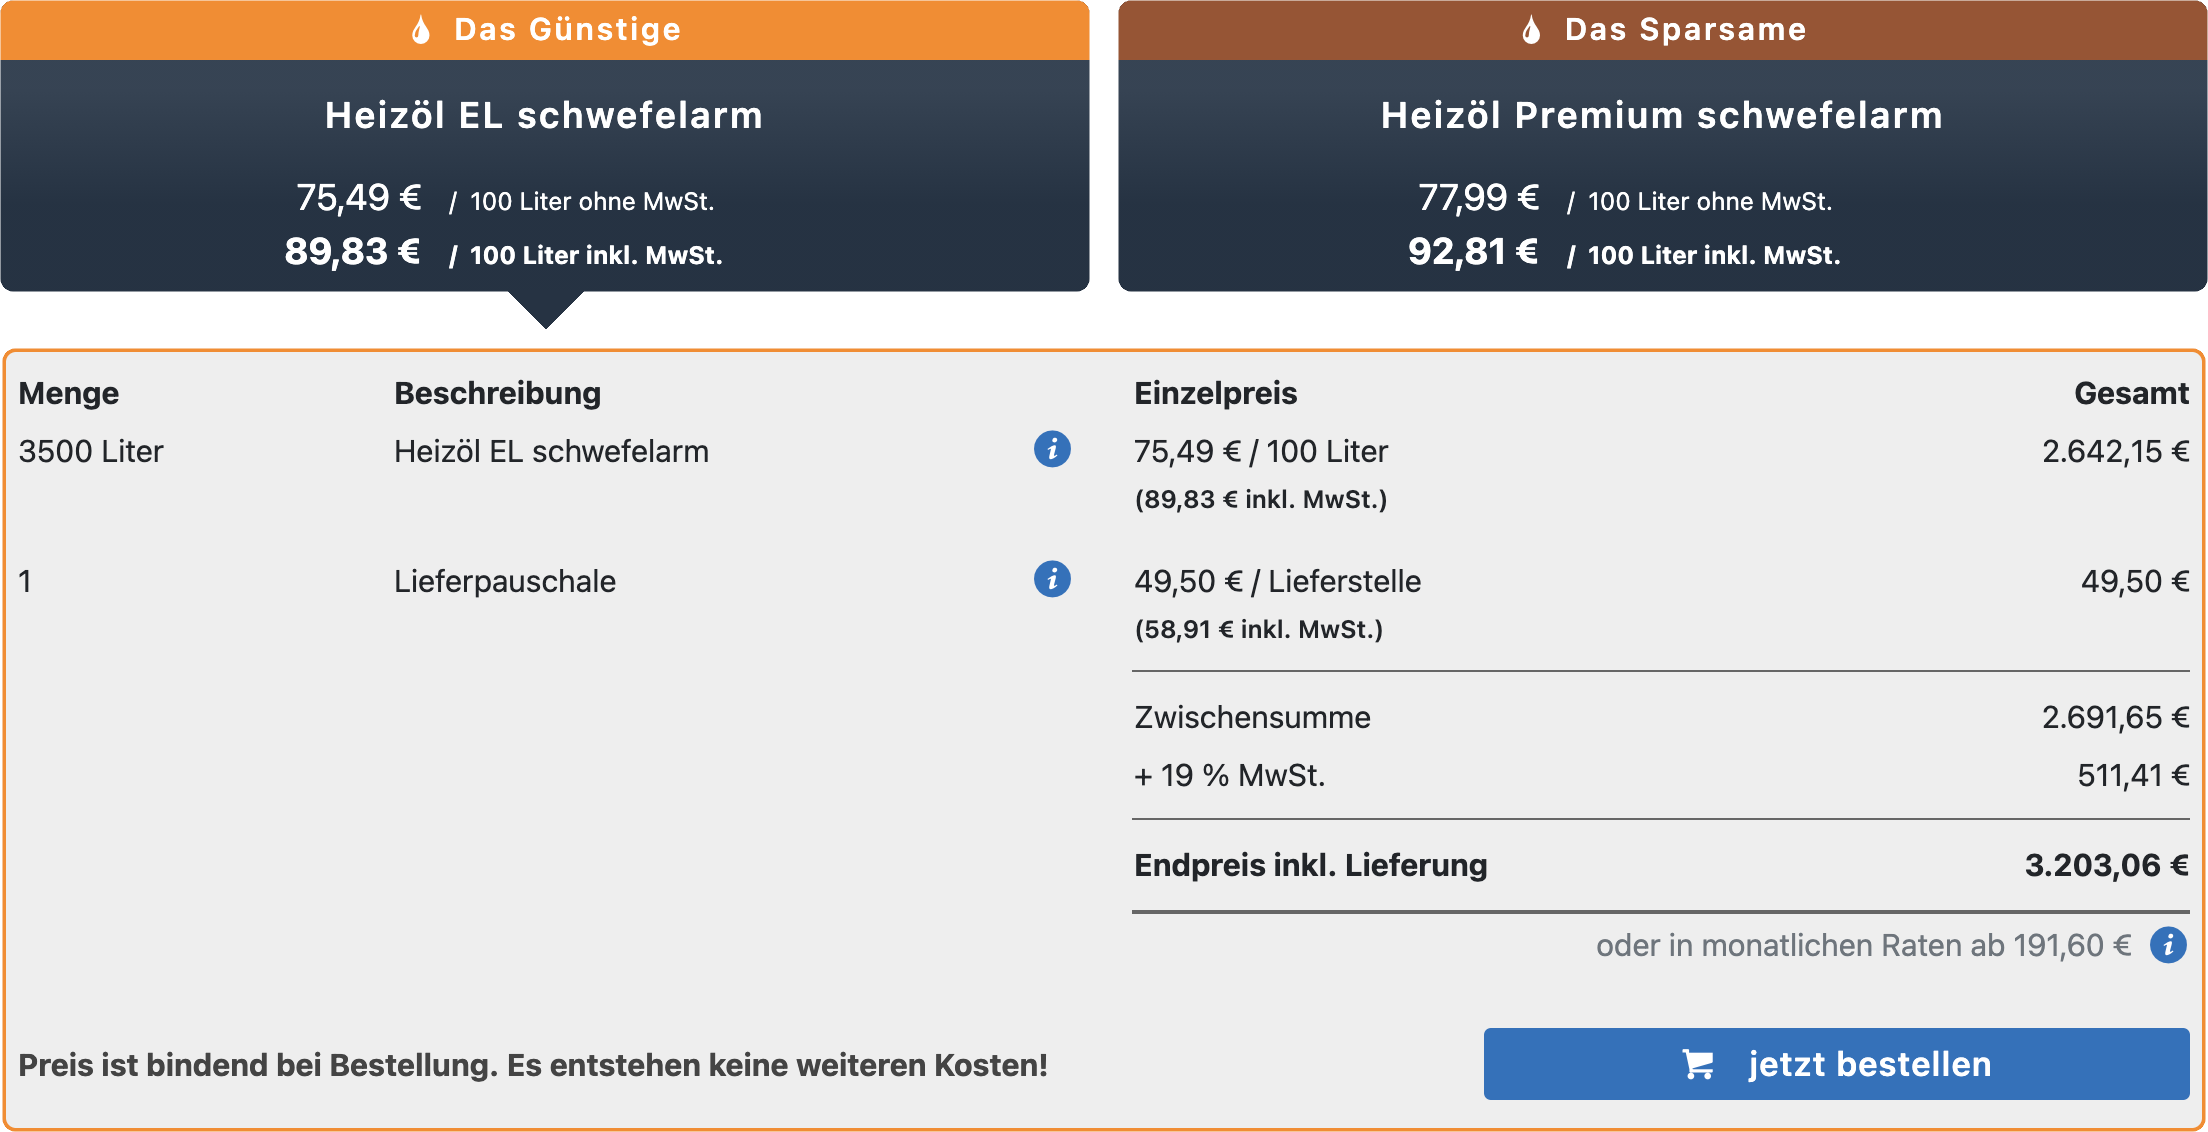 Quelle: https://www.fastenergy.de/heizoelpreise.htm?step=2&oid=fe_616431dd745dd&pid=YToxMjp7czozOiJvaWQiO3M6MTY6ImZlXzYxNjQzMTVhY2ZiNWEiO3M6OToiZmVfYW5yZWRlIjtzOjA6IiI7czoxOToiZmVfcmVjaG51bmdzX2FucmVkZSI7czowOiIiO3M6MTY6ImZlX2FibGFkZXN0ZWxsZW4iO3M6MToiMSI7czoxNDoiZmVfbGllZmVybWVuZ2UiO3M6NDoiMzAwMCI7czoxMjoiZmVfaW50ZXJmYWNlIjtzOjE2OiJmZV9xdW90ZV9yZXF1ZXN0IjtzOjc6ImZlX3NlbnQiO3M6MToiMSI7czozOiJwbHoiO3M6NToiMTYyMzAiO3M6MTM6ImFibGFkZXN0ZWxsZW4iO3M6MToiMSI7czo1OiJtZW5nZSI7czo0OiIzNTAwIjtzOjk6InRpbWVfY2FsYyI7aToxNjMzOTU2MzE3O3M6MTE6Im1ldGhvZF9jYWxjIjtzOjQ6InBvc3QiO30%3D&cid=2623182606